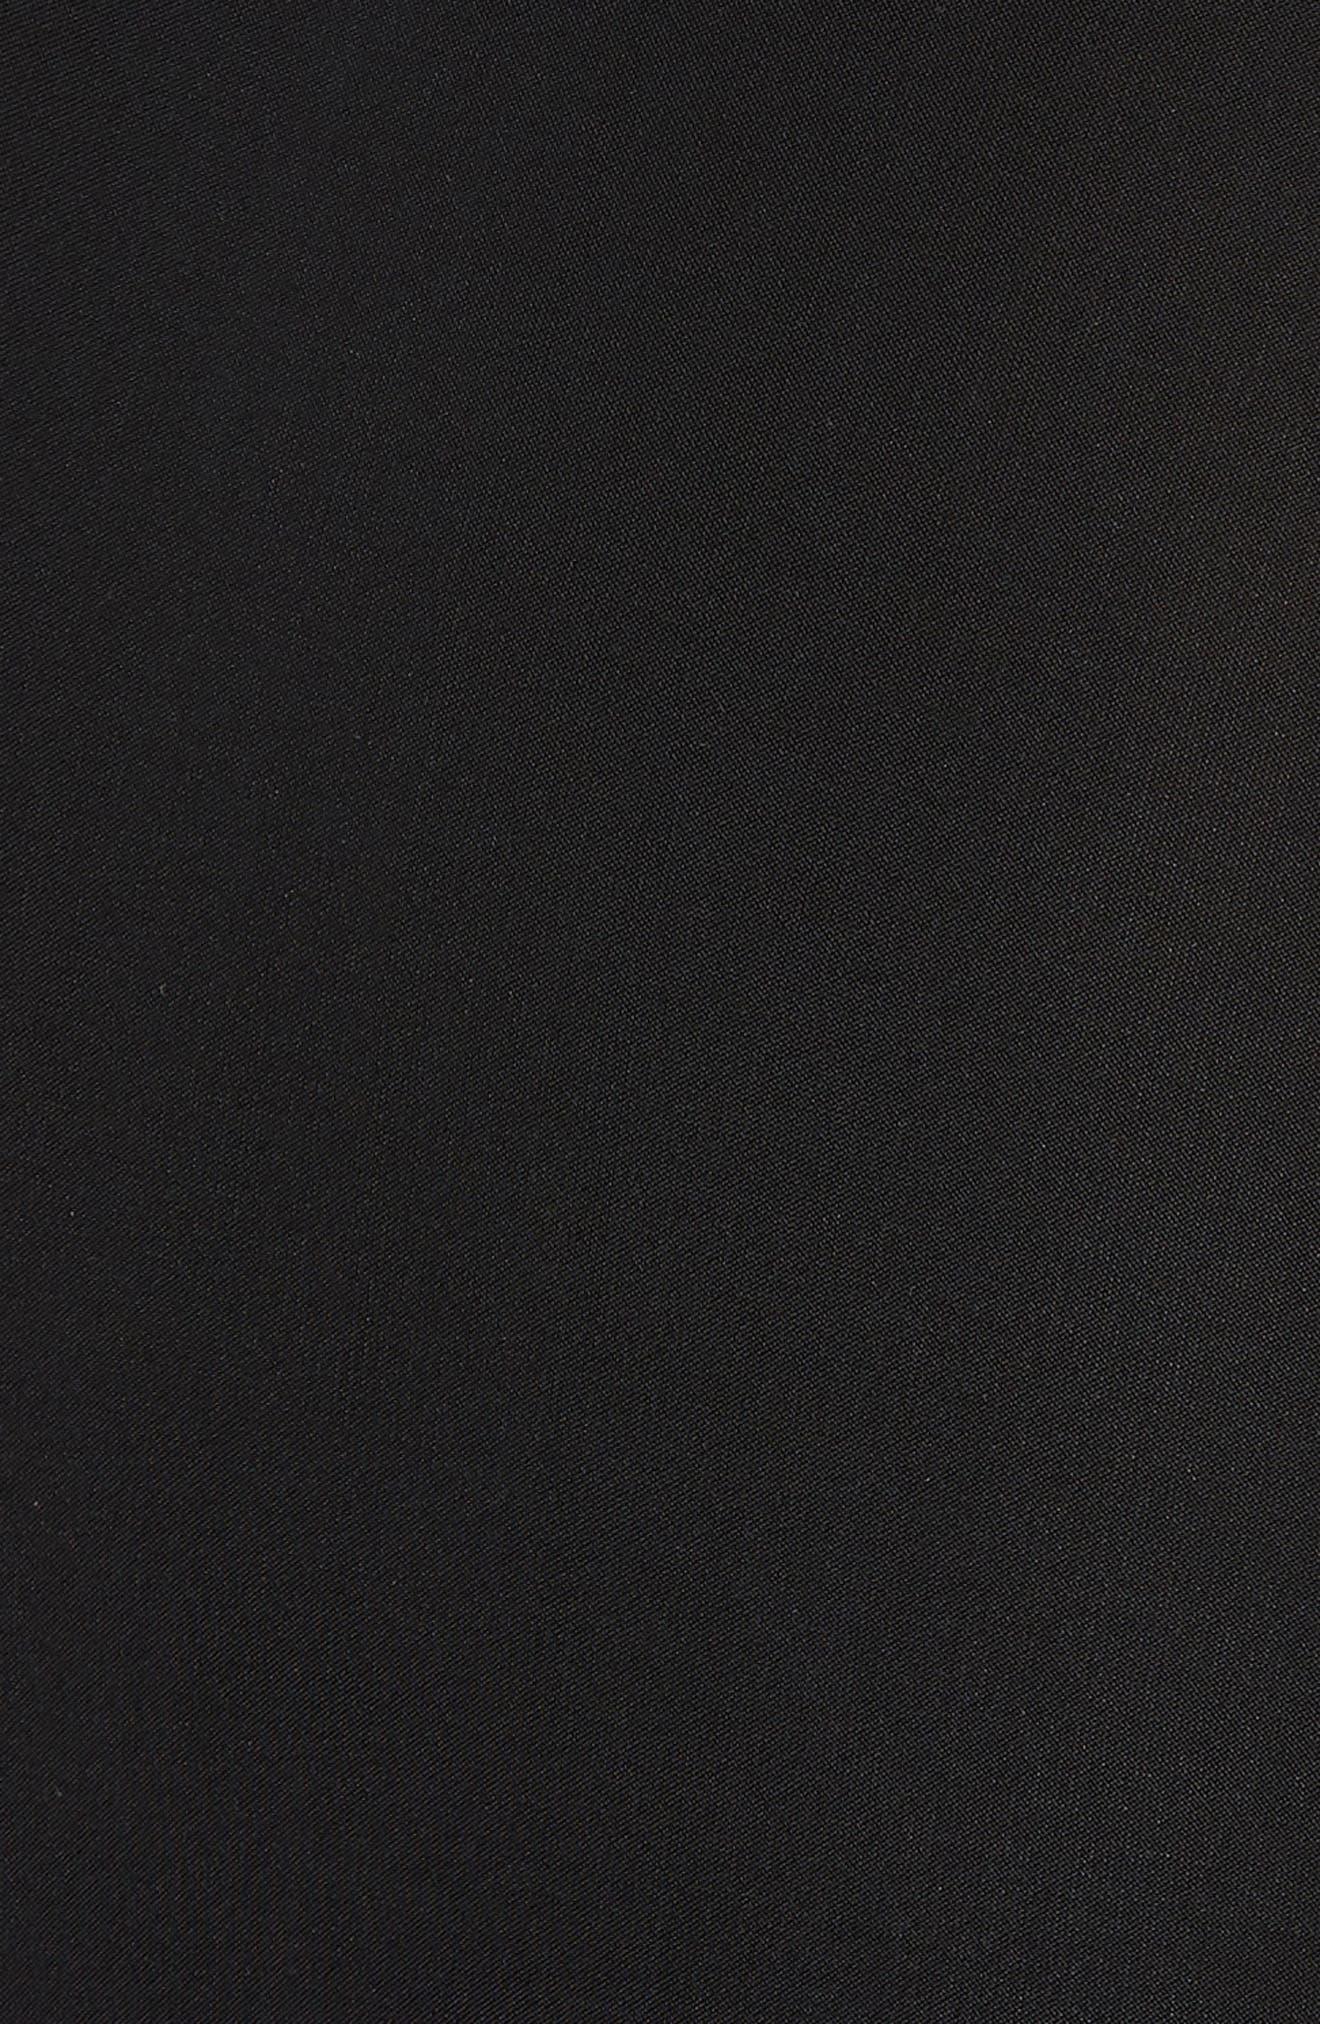 Domino Knot Maxi Dress,                             Alternate thumbnail 5, color,                             Black